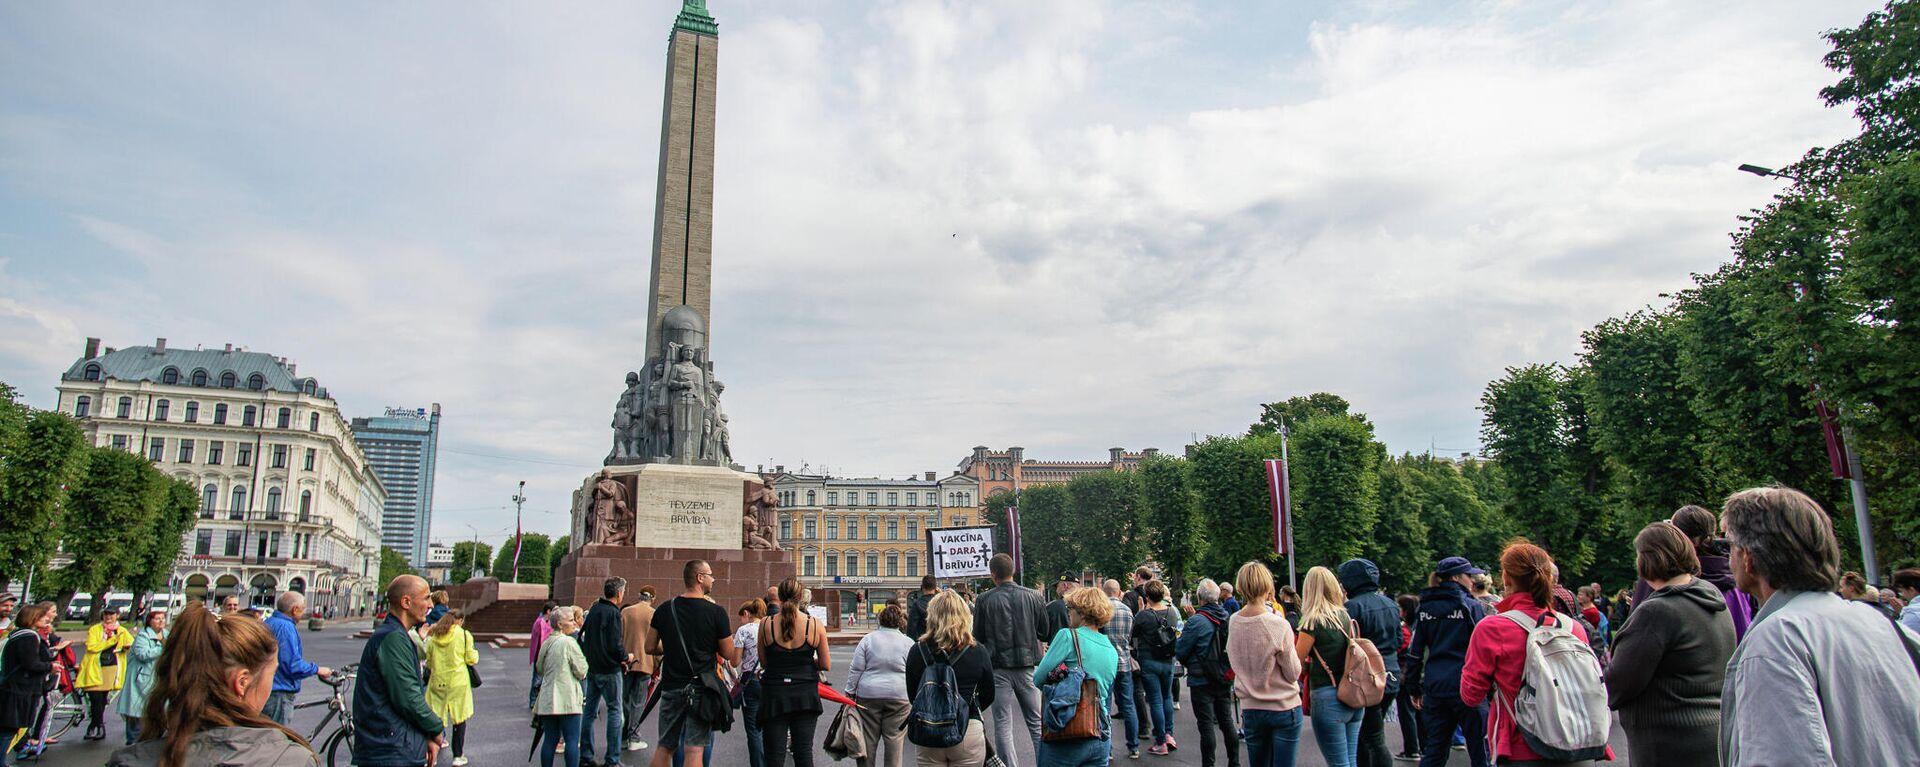 Несколько сотен человек собрались у памятника Свободы на акцию протеста против принудительной вакцинации - Sputnik Латвия, 1920, 14.08.2021